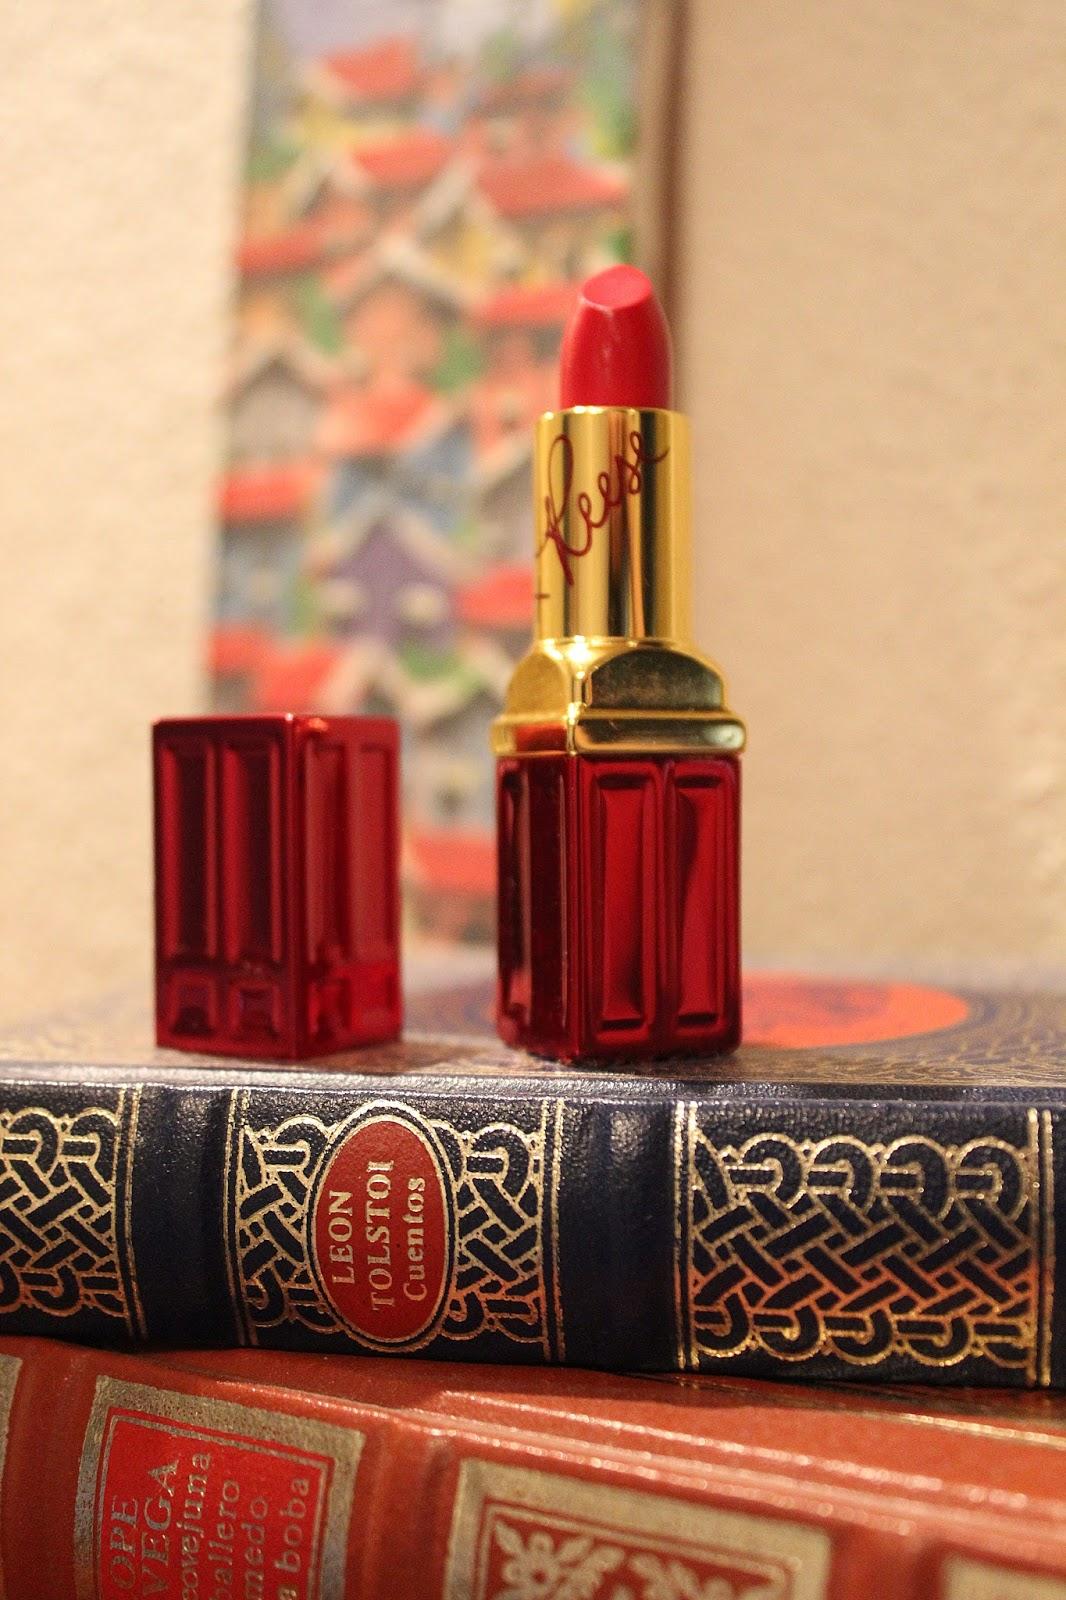 Elizabeth Arden #wemarchon 10 productos de belleza